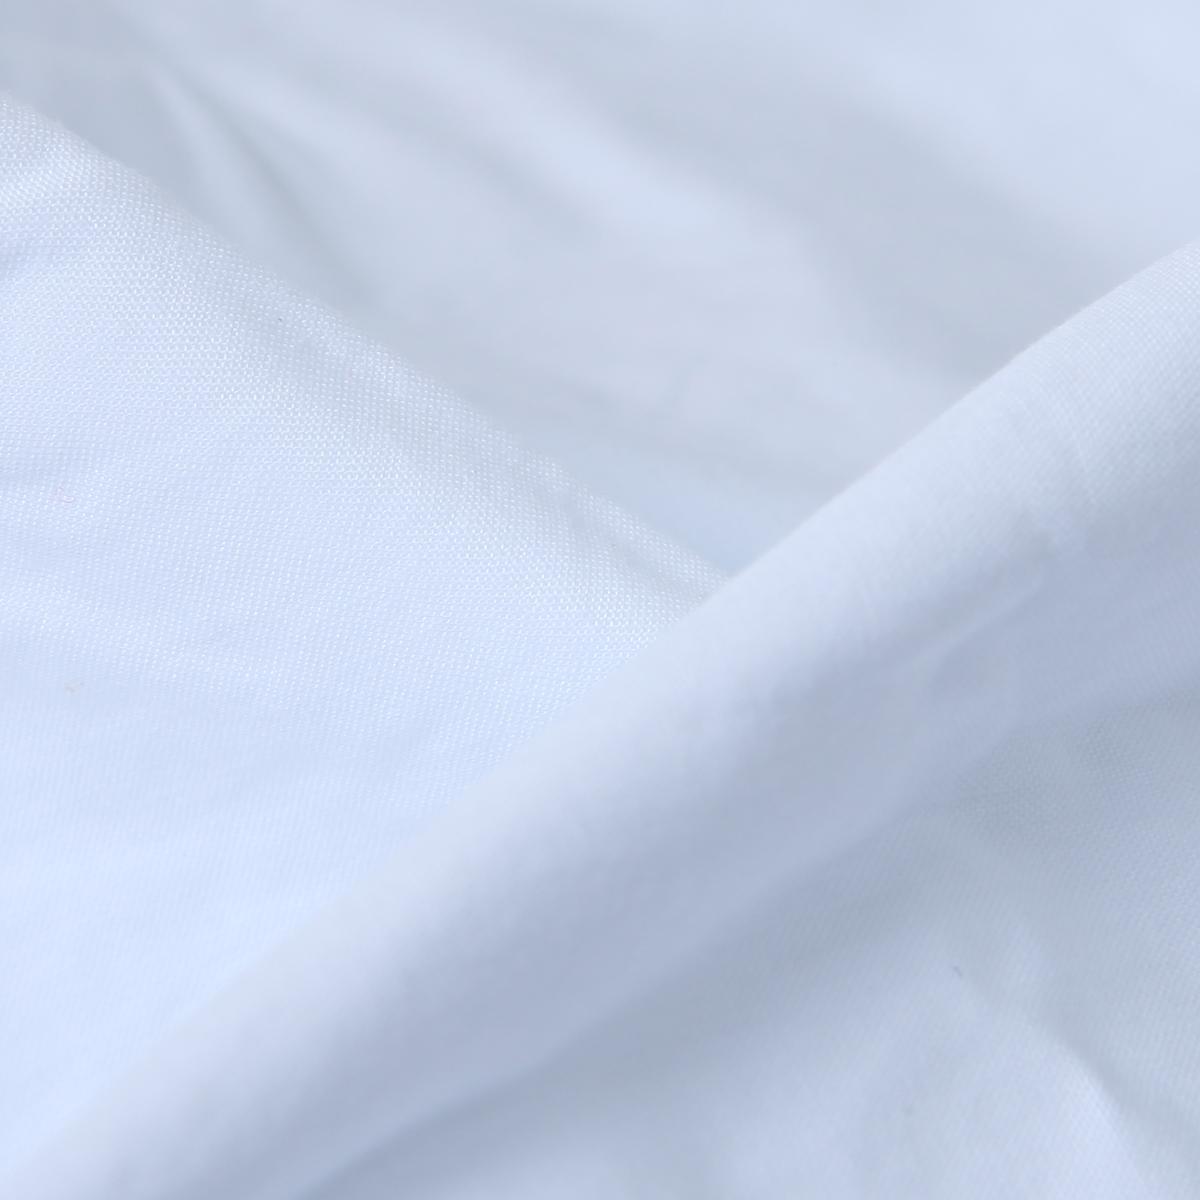 женская рубашка OSA sc90301 OSA2011 OL C90301 Короткий рукав Однотонный цвет